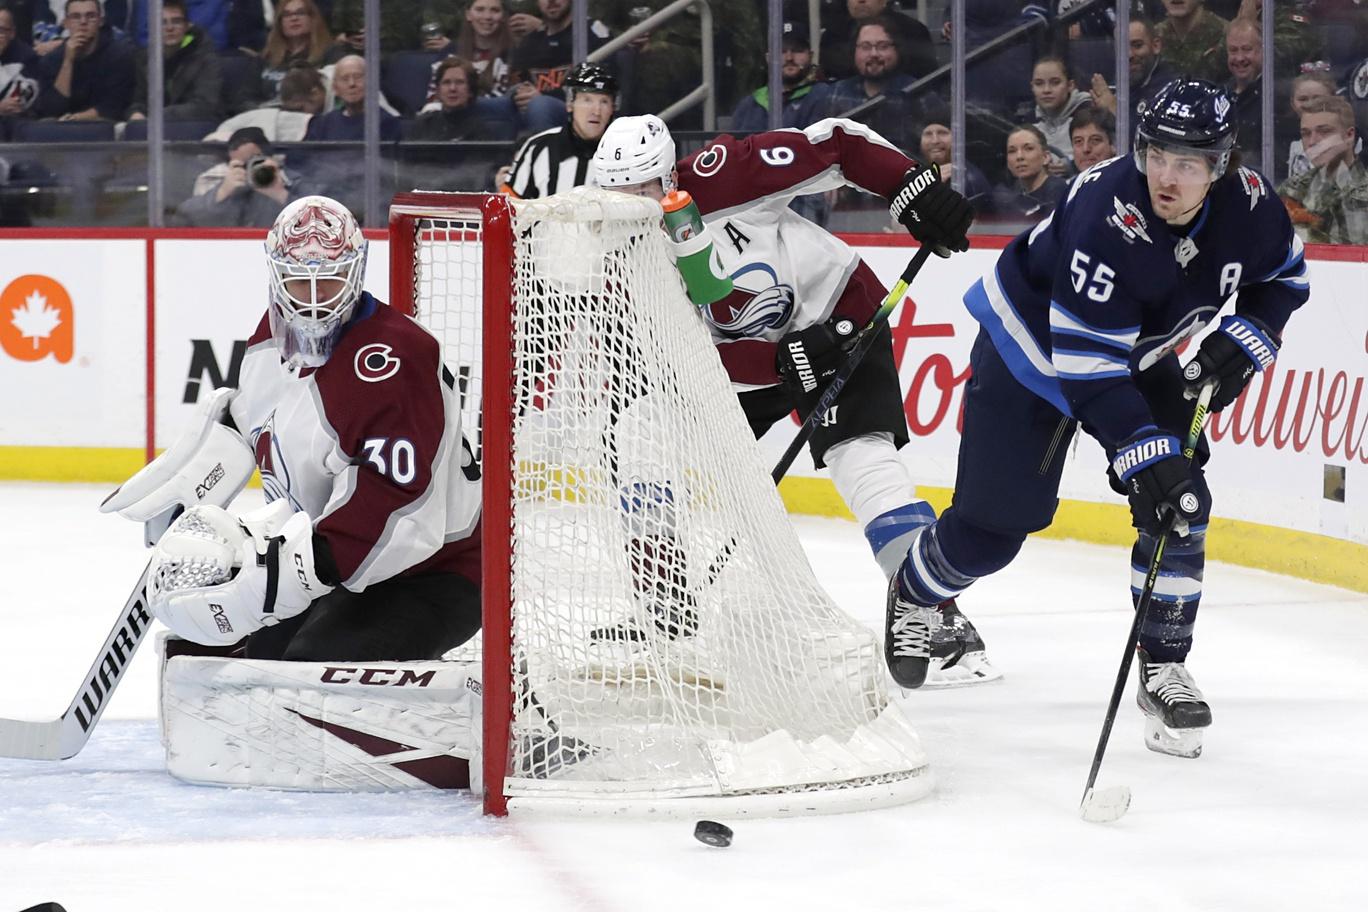 MacKinnon leads Avalanche to 4-0 win vs